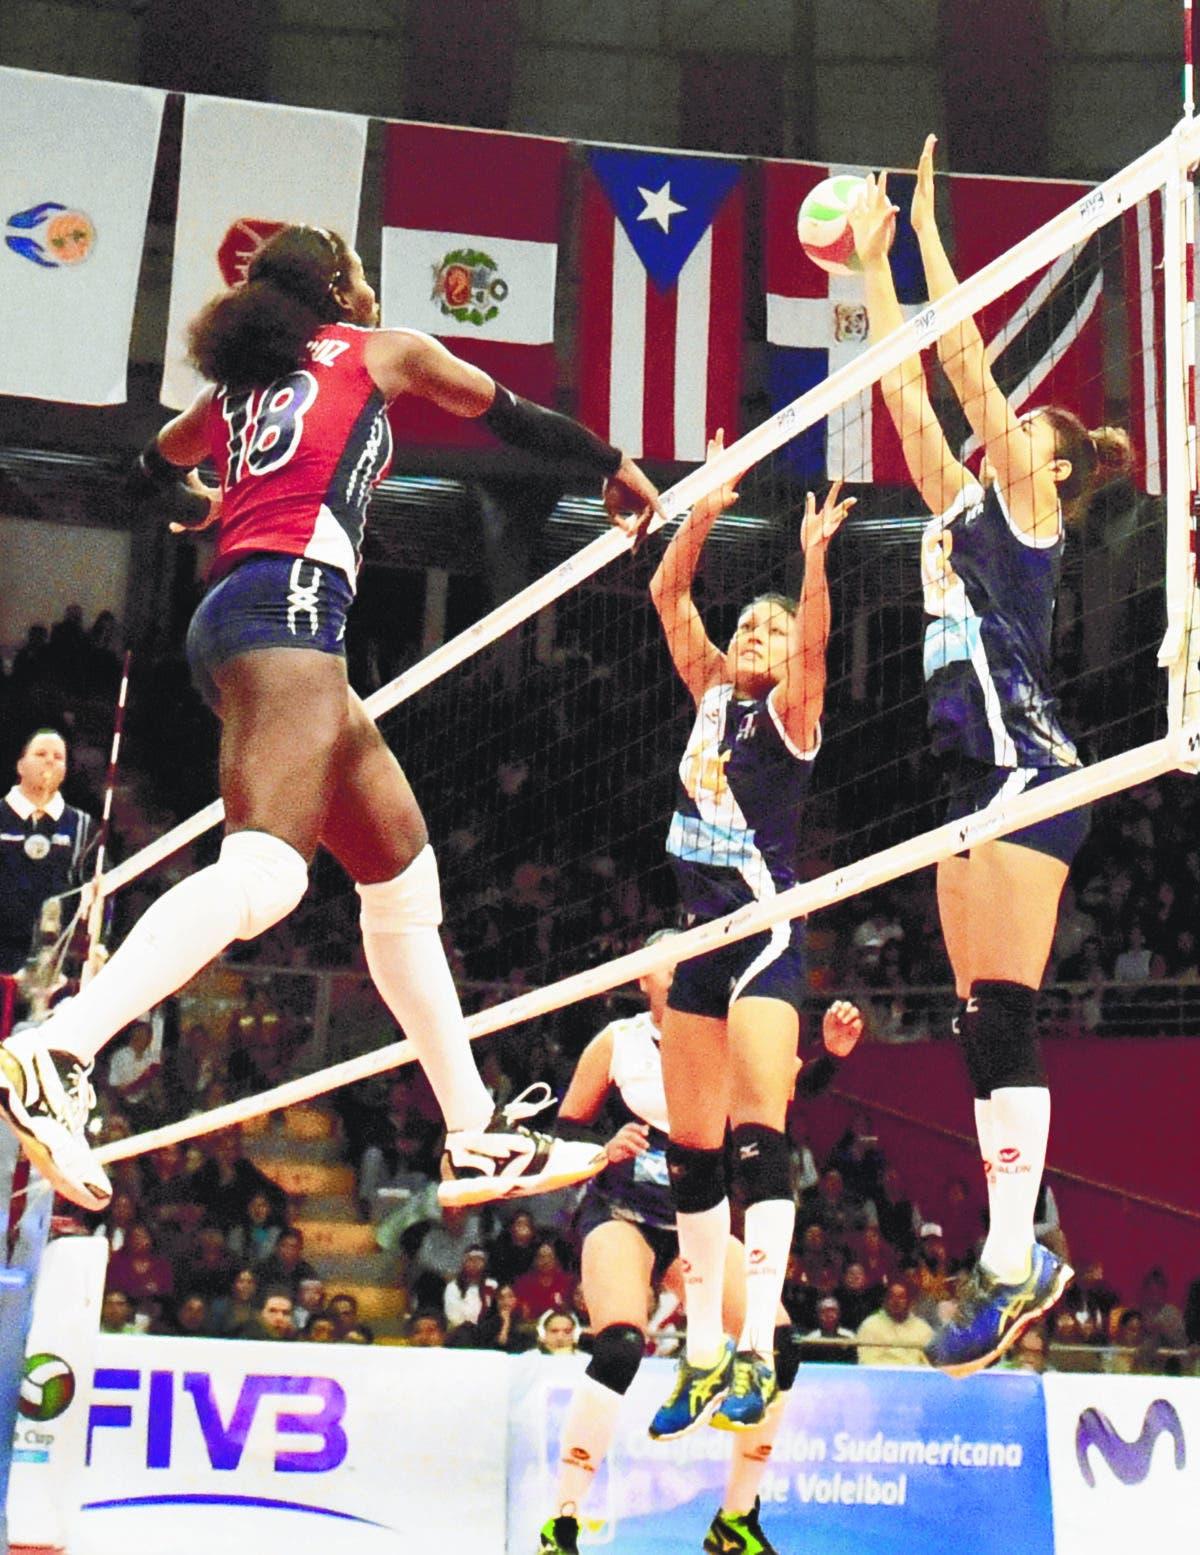 Bethania de la Cruz revela los planes estratégicos previo a los Juegos Olímpicos